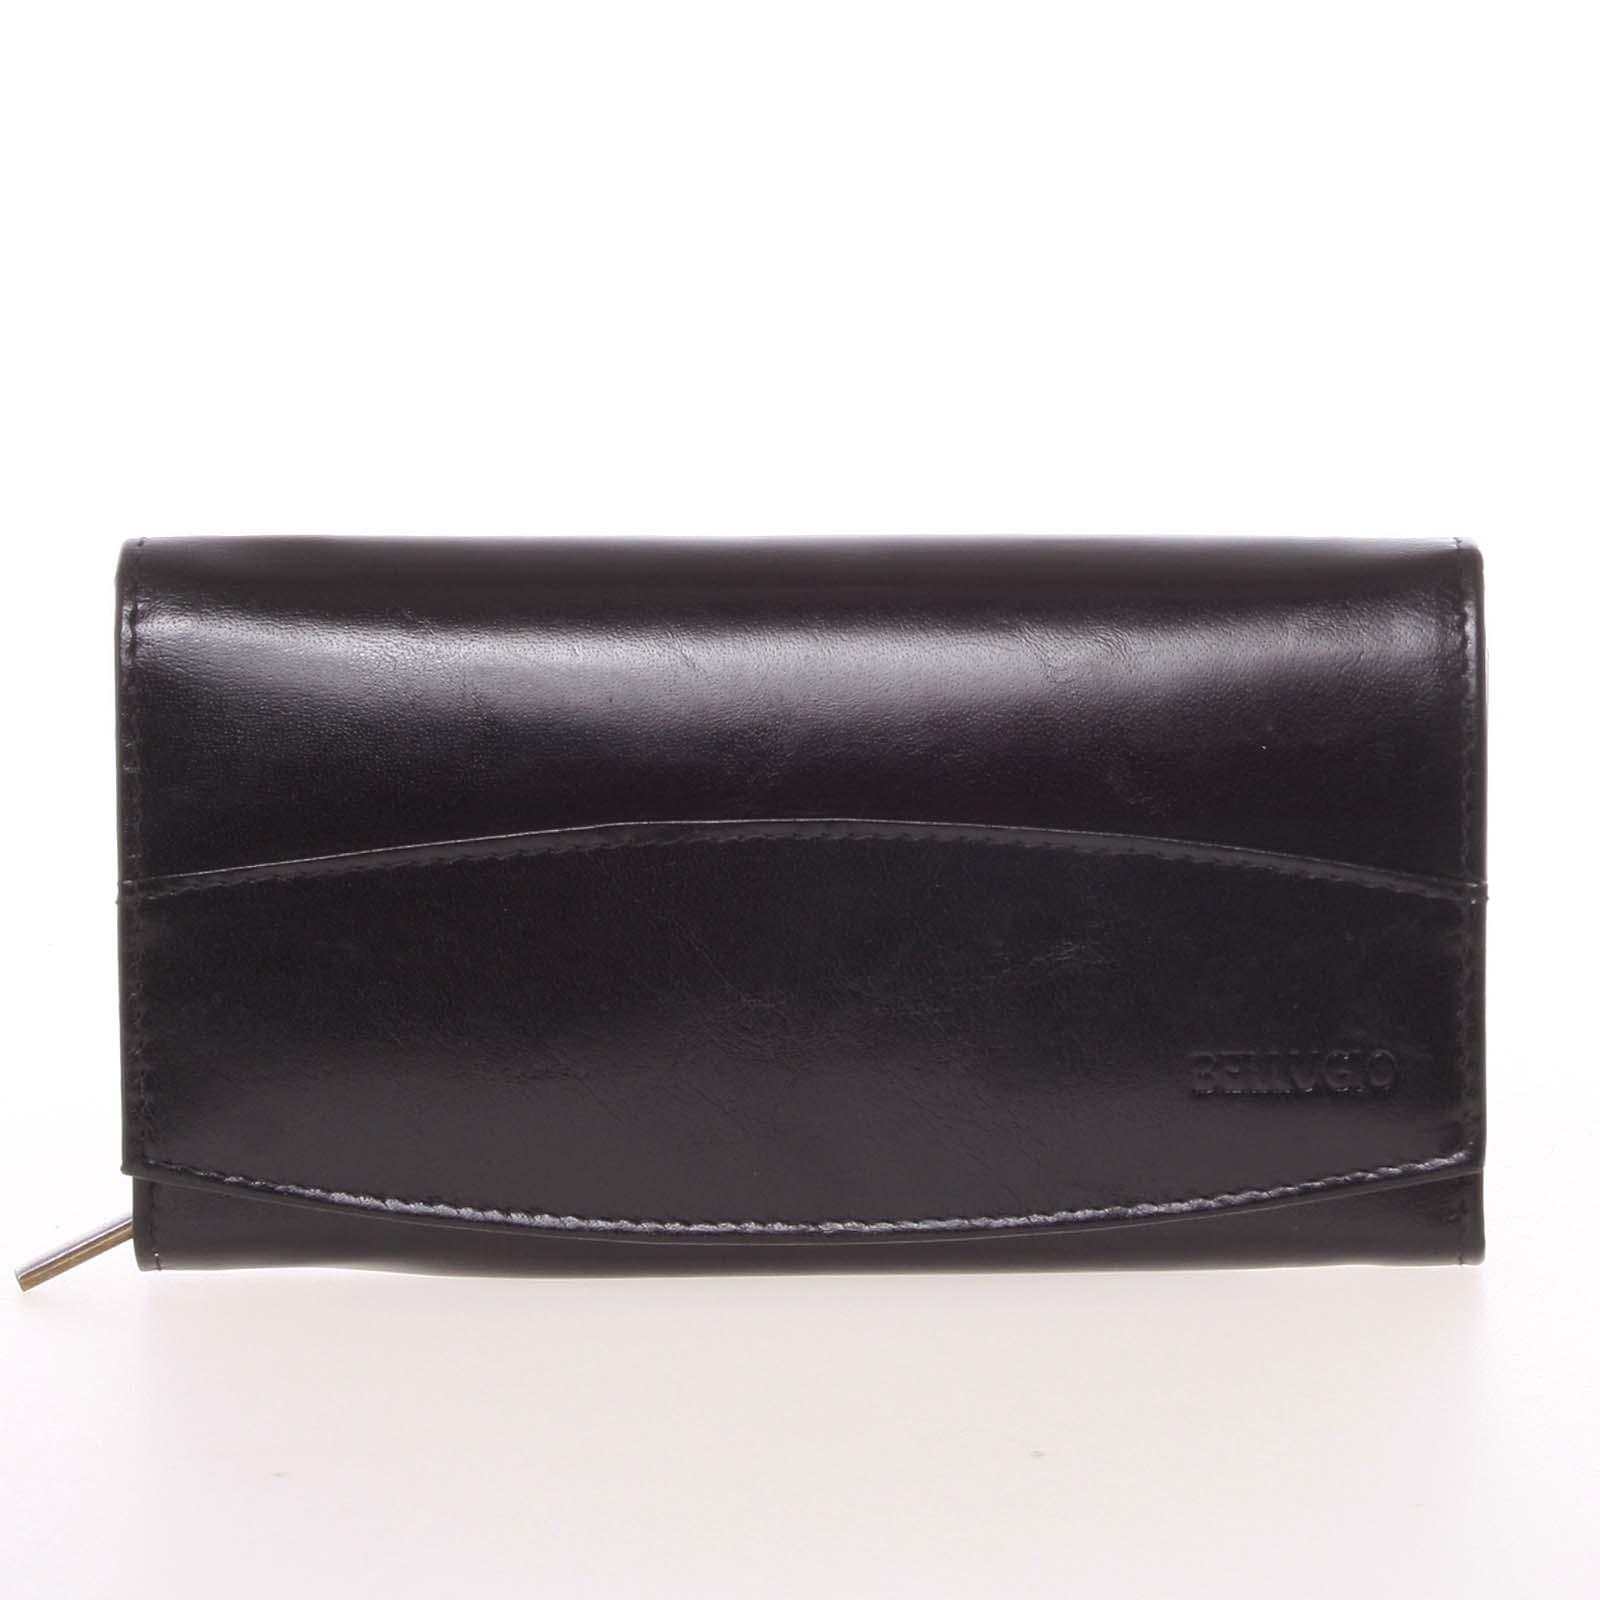 Velká elegantní kožená peněženka černá - Bellugio Olimpia